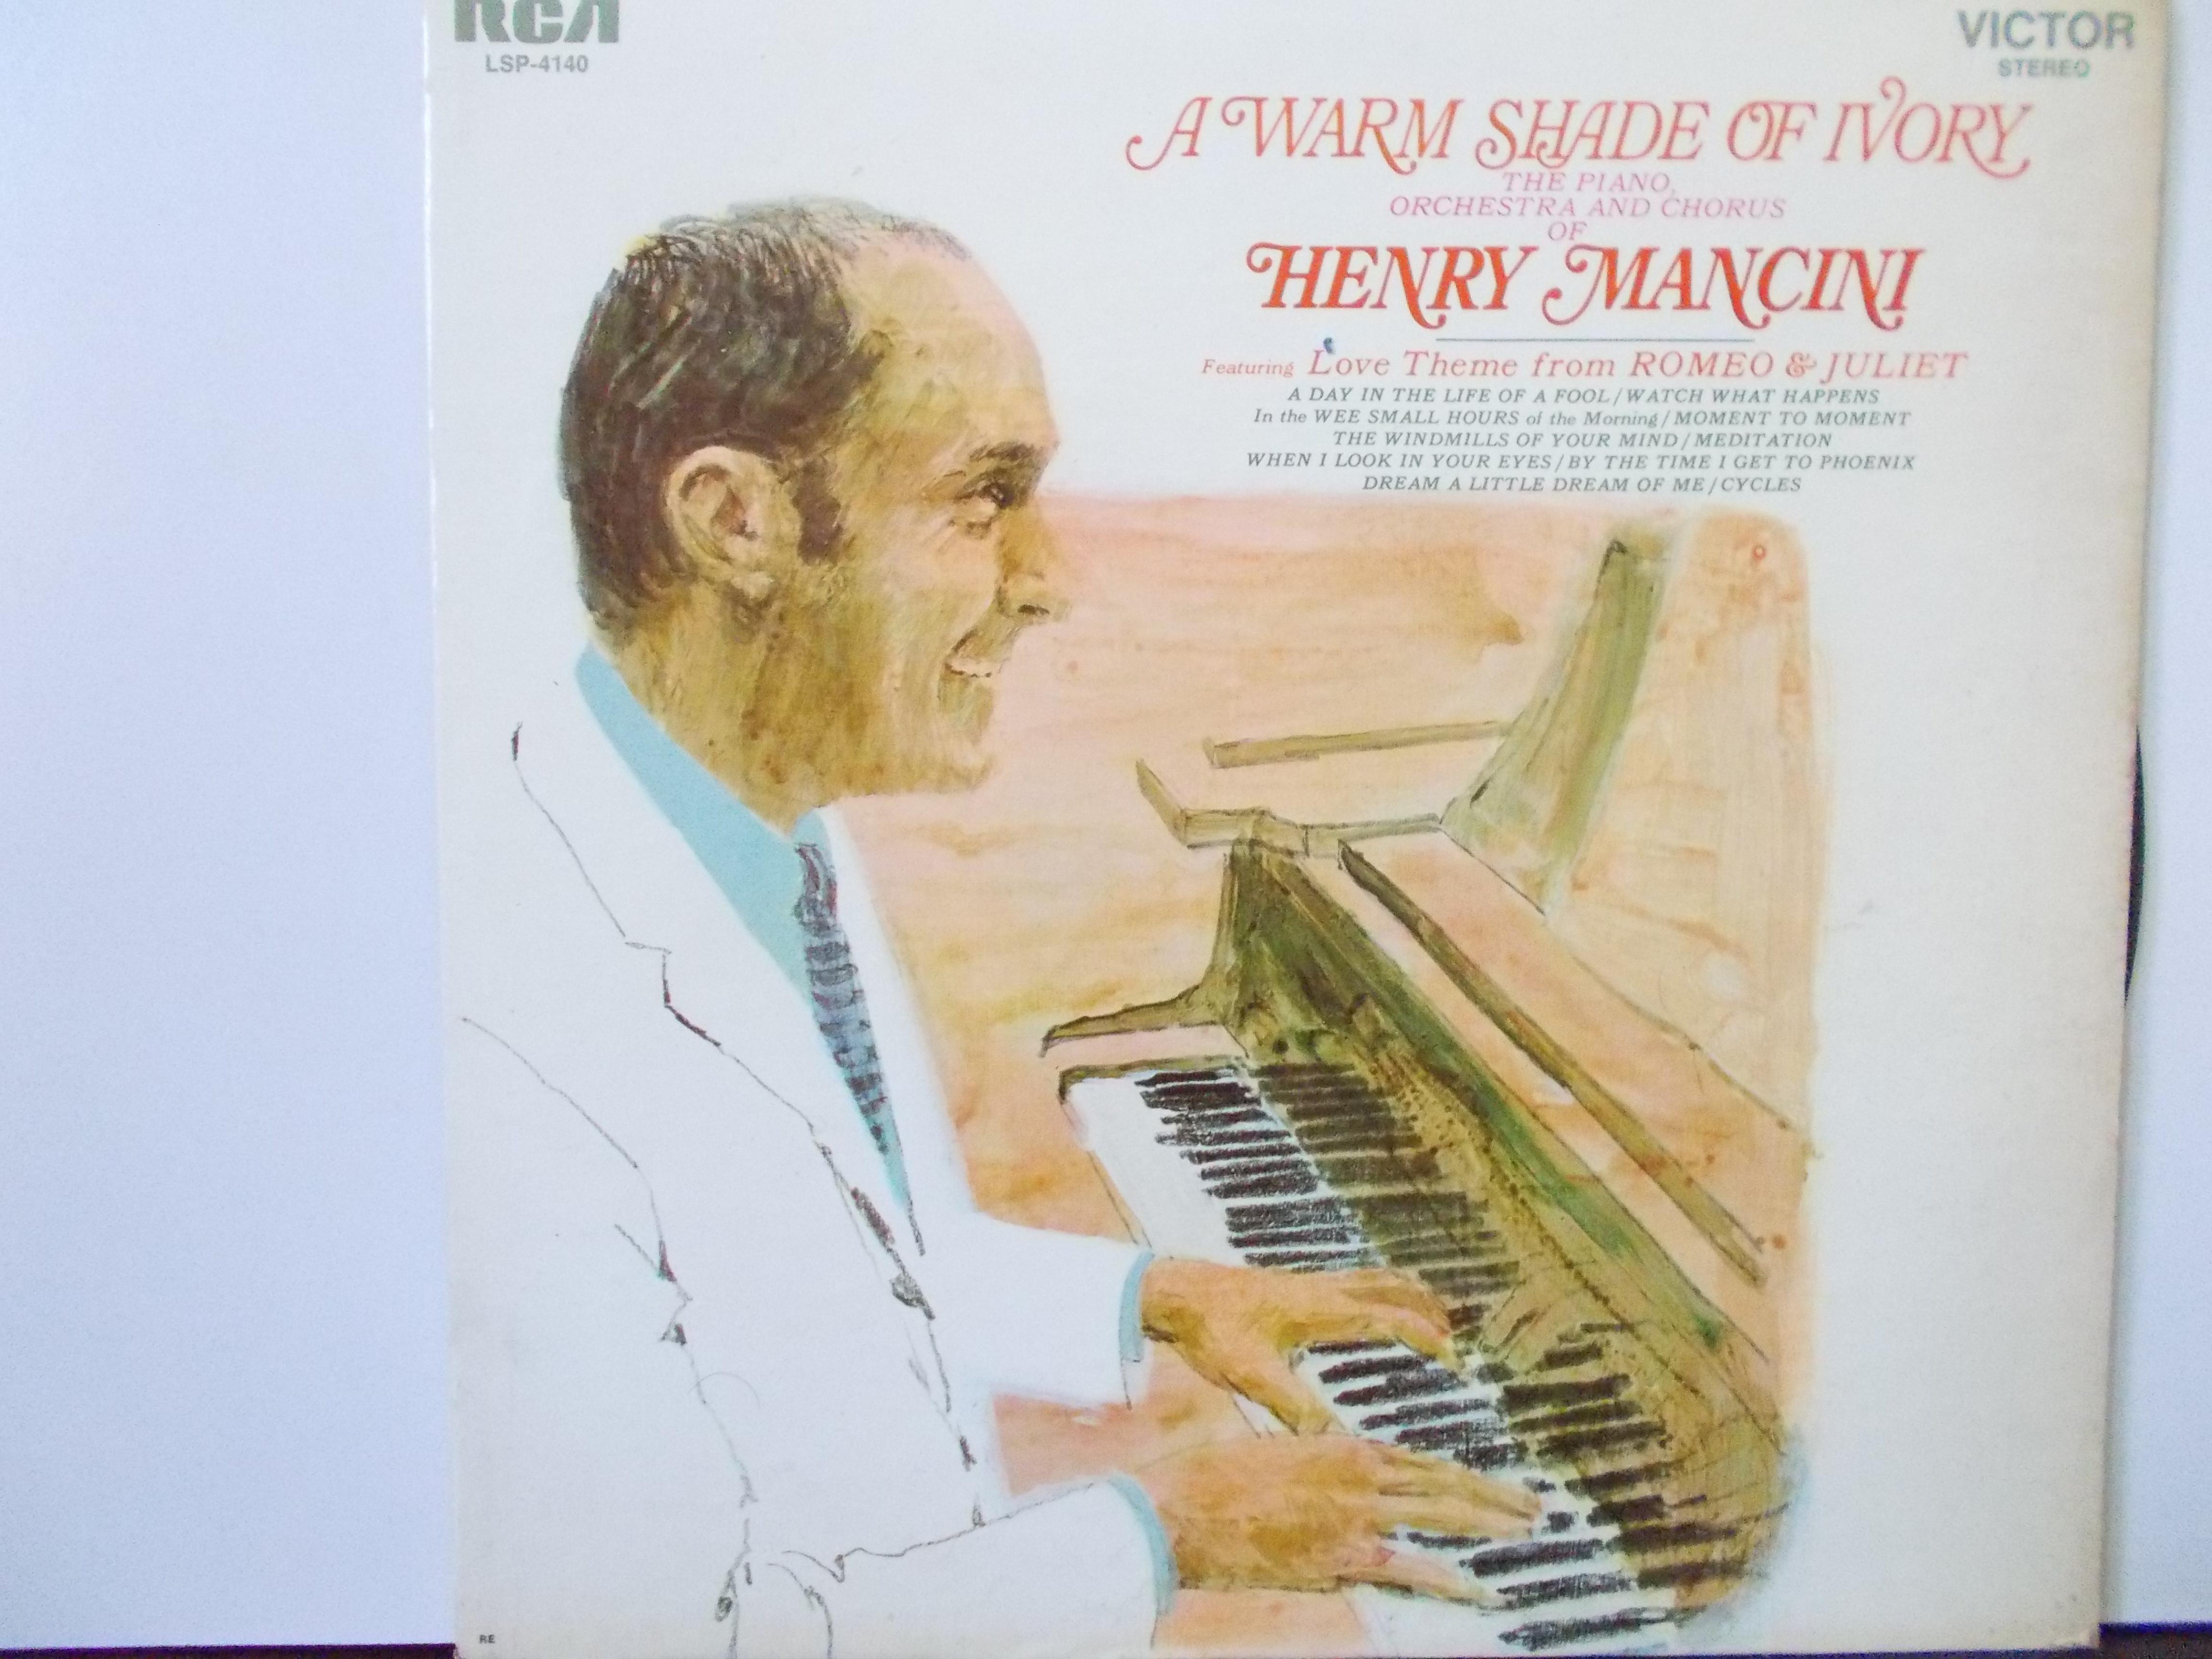 แผ่นเสียง THE PIANO ORCHESTRA AND CHORUS OF HENRY MANCINI : NM/NM